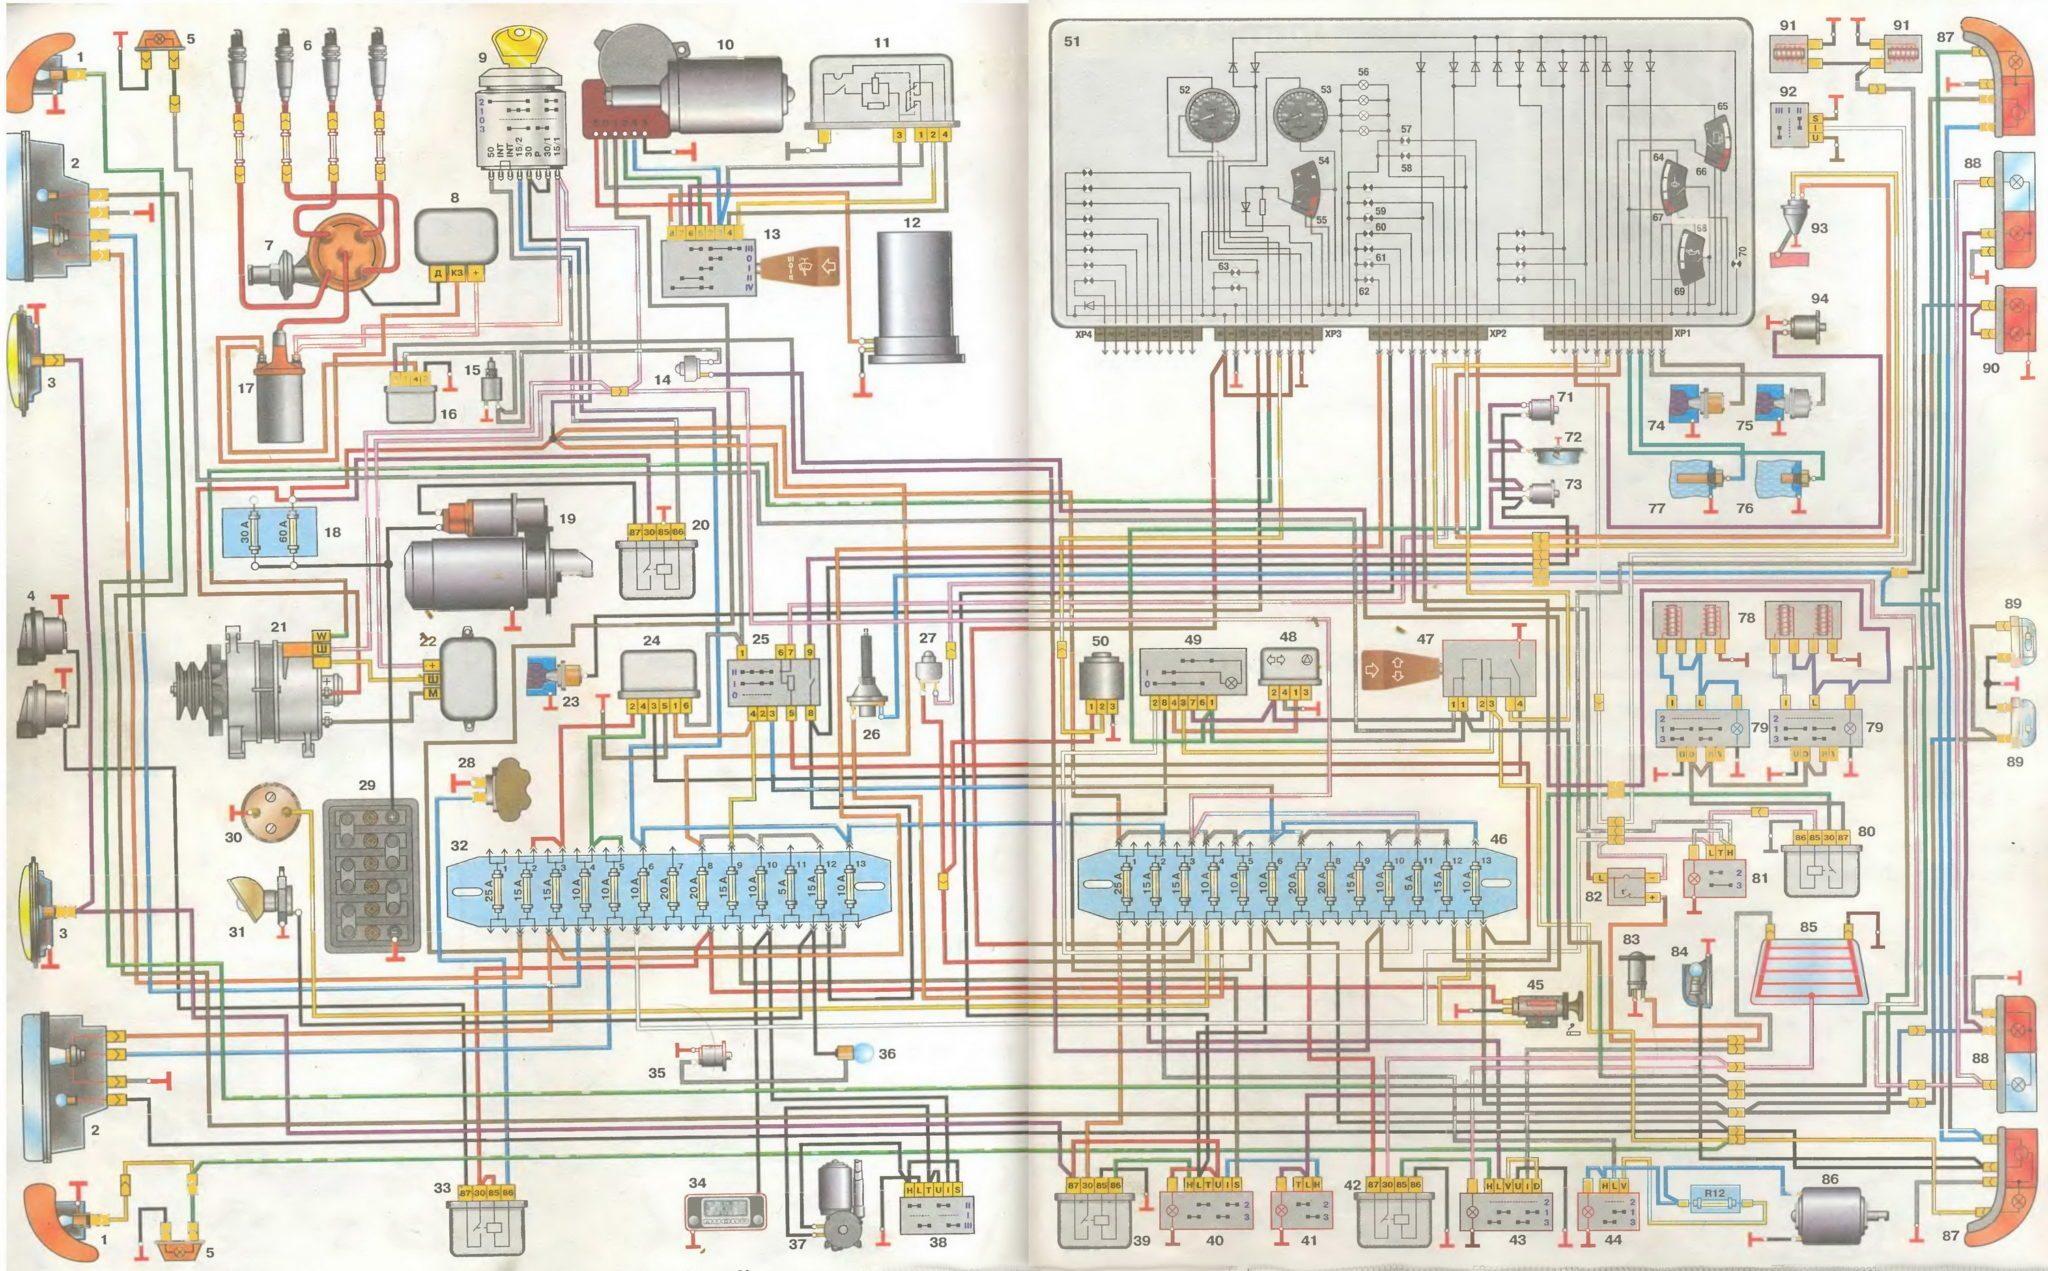 принципиальная электросхема приборного щитка газель бизнес